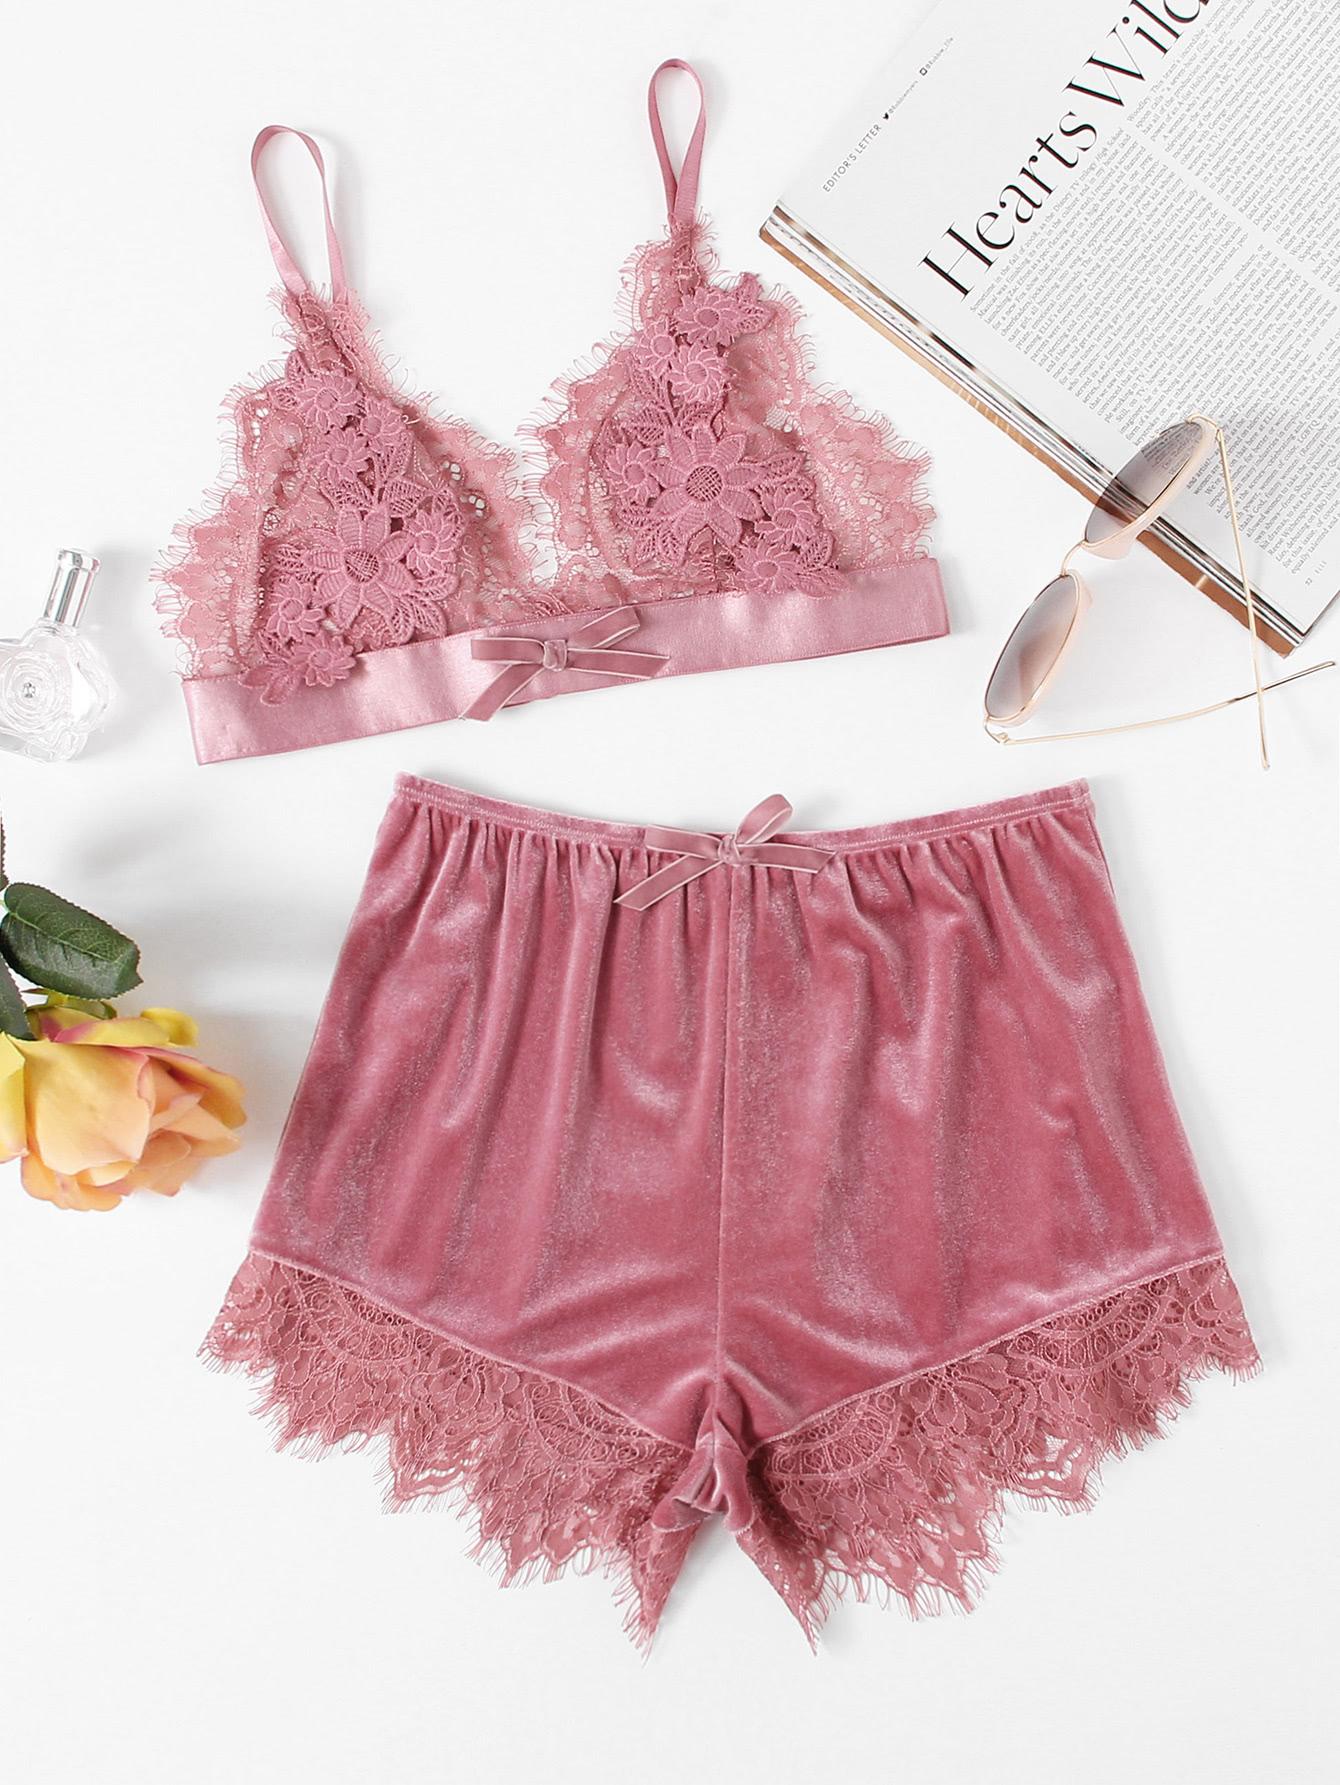 Applique Detail Lace Bralette & Velvet Shorts Set lingerie170919701